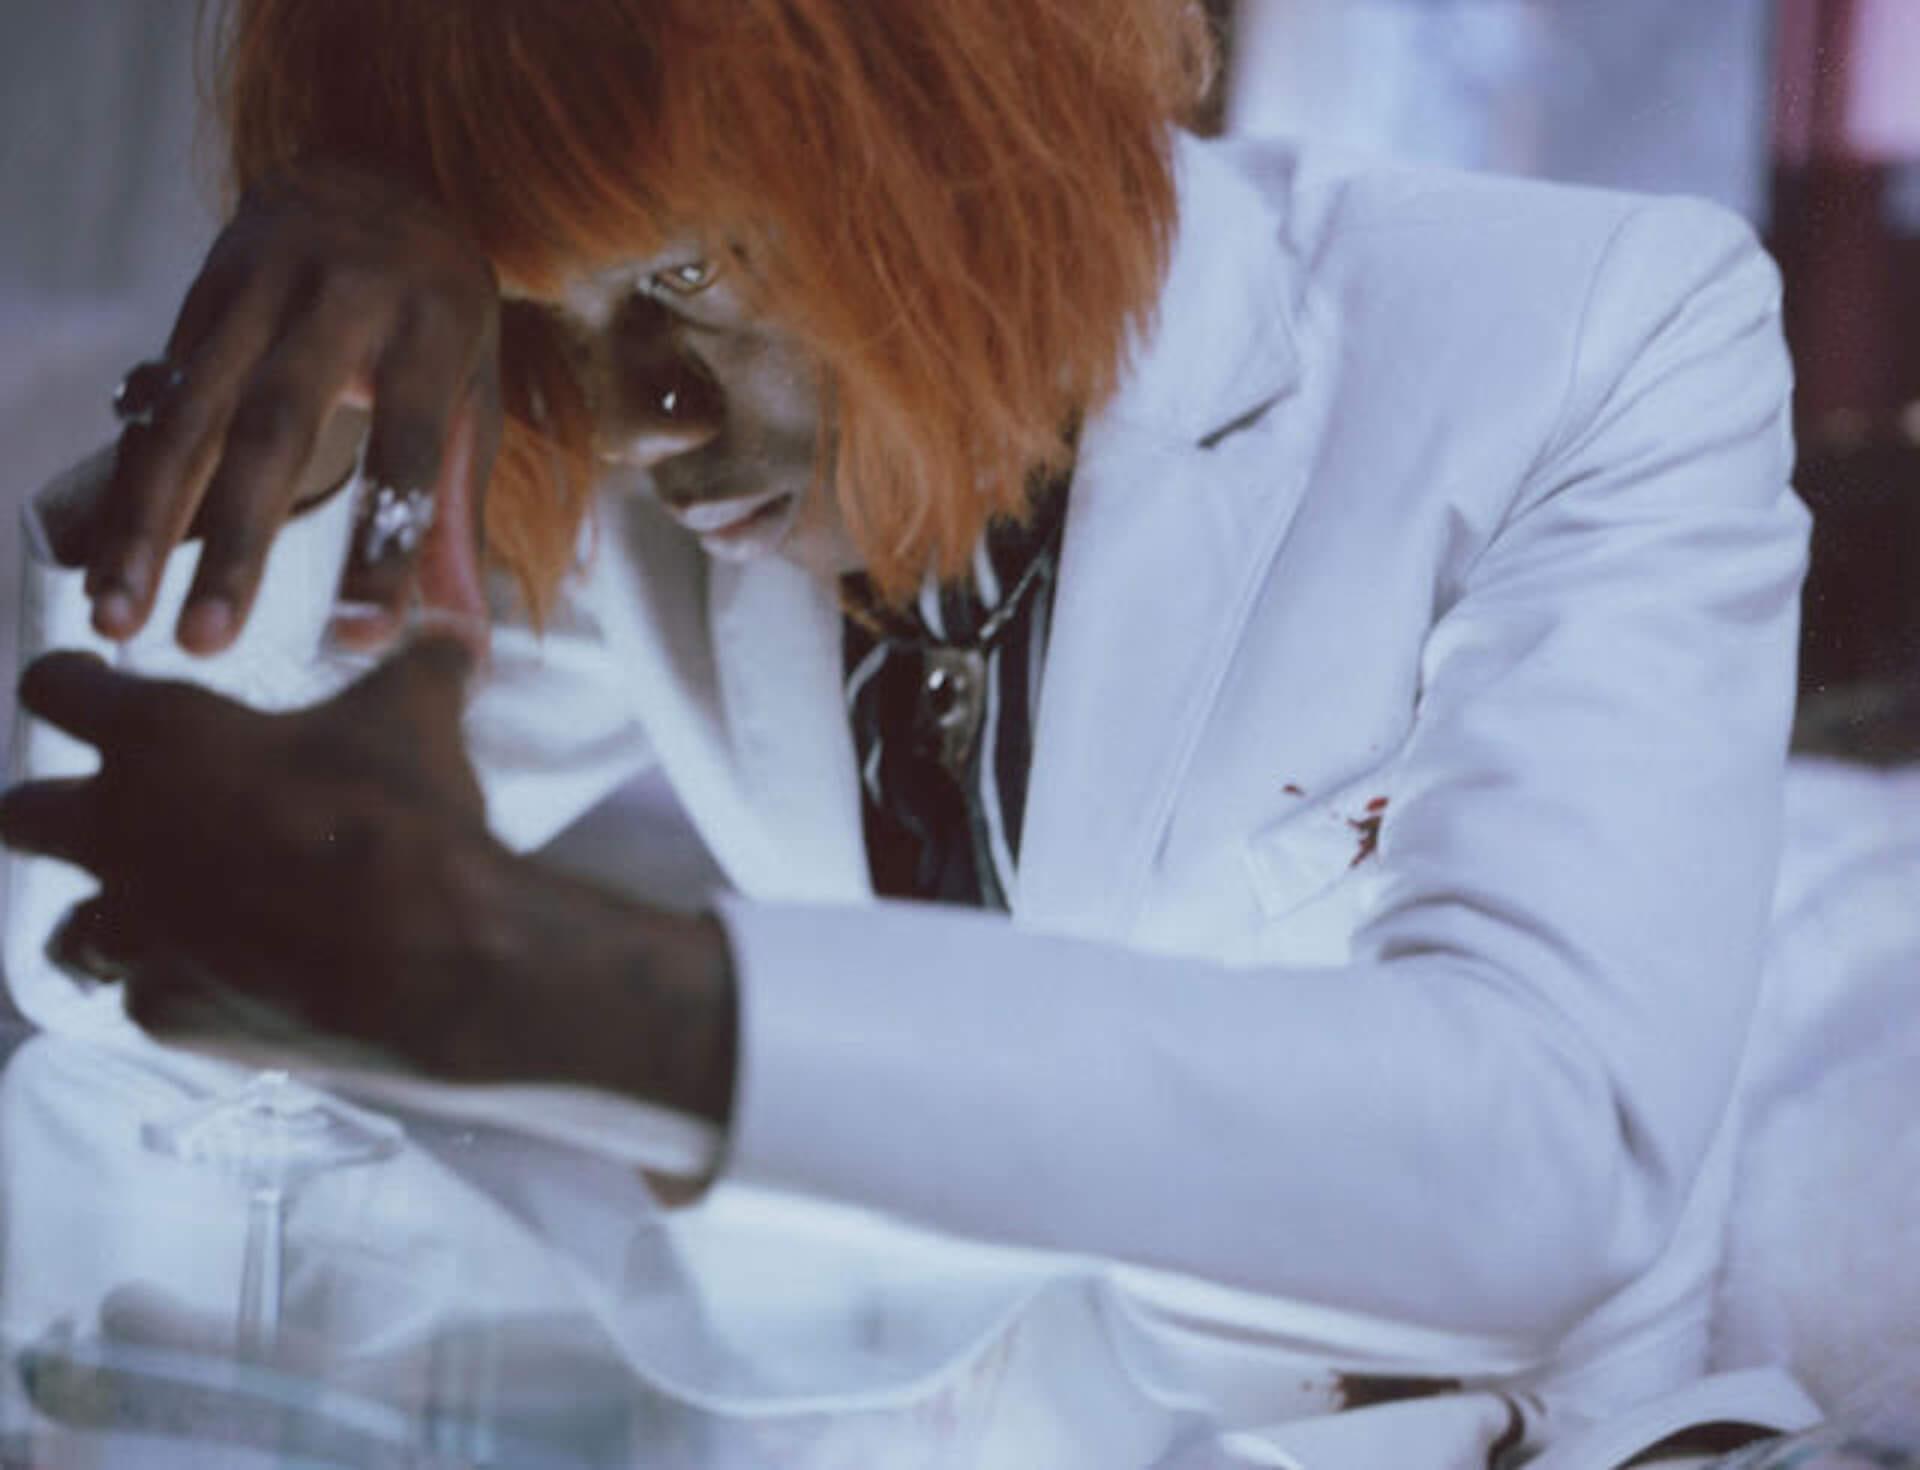 """Yves Tumorがニューアルバムから""""Romanticist""""、""""Dream Palette""""を同時公開!Kelsey Lu、Julia Cummingが参加 music200331_yvestumor_01"""